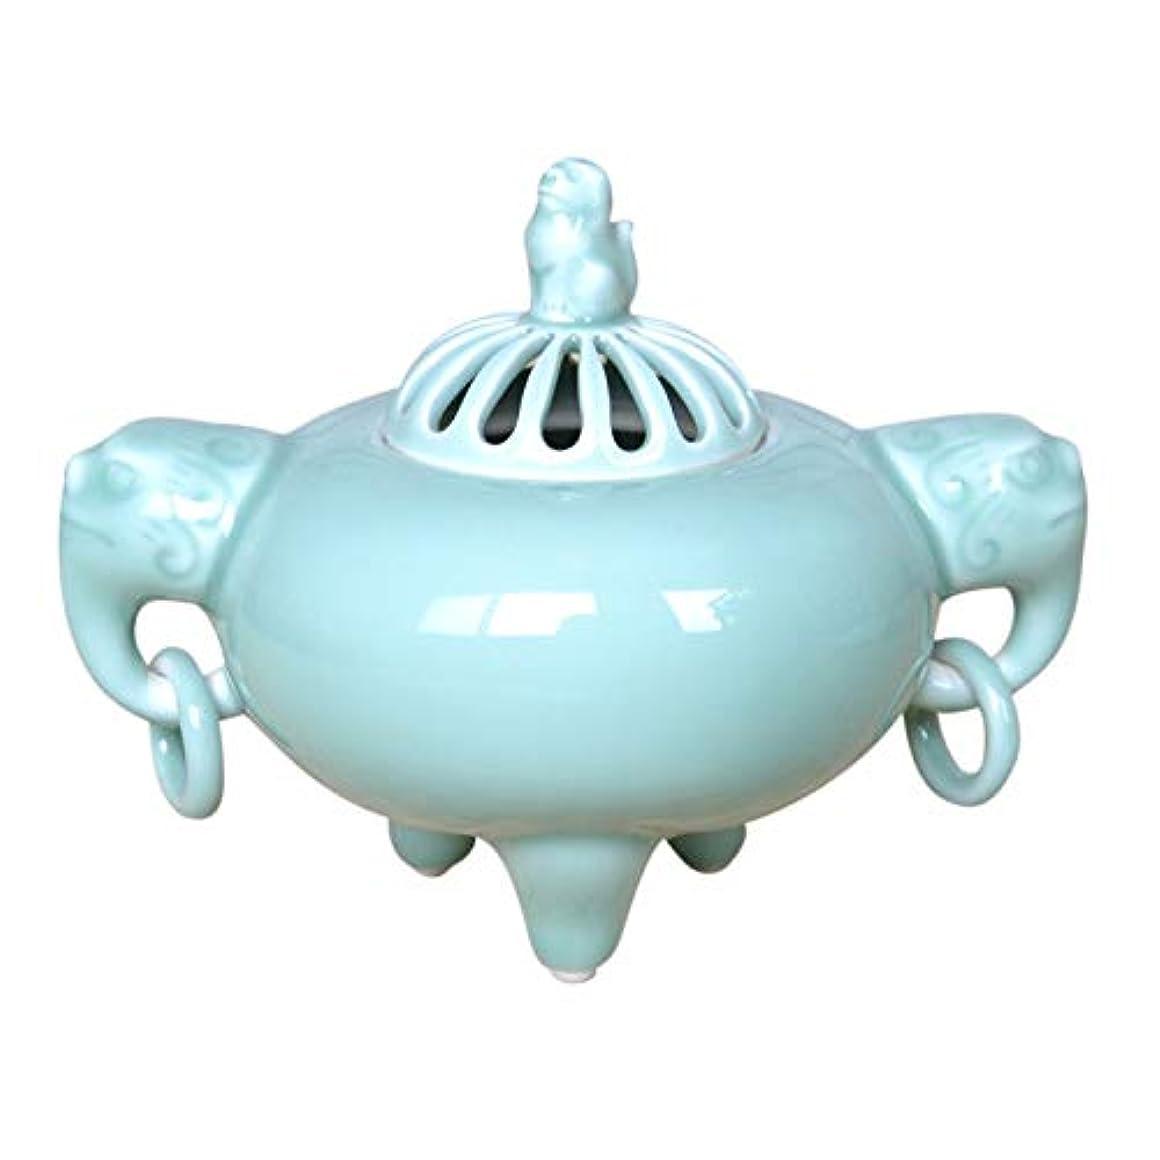 低いとにかくノーブル有田焼 青磁丸中遊環 香炉(木箱付)【サイズ】高さ12.2cm